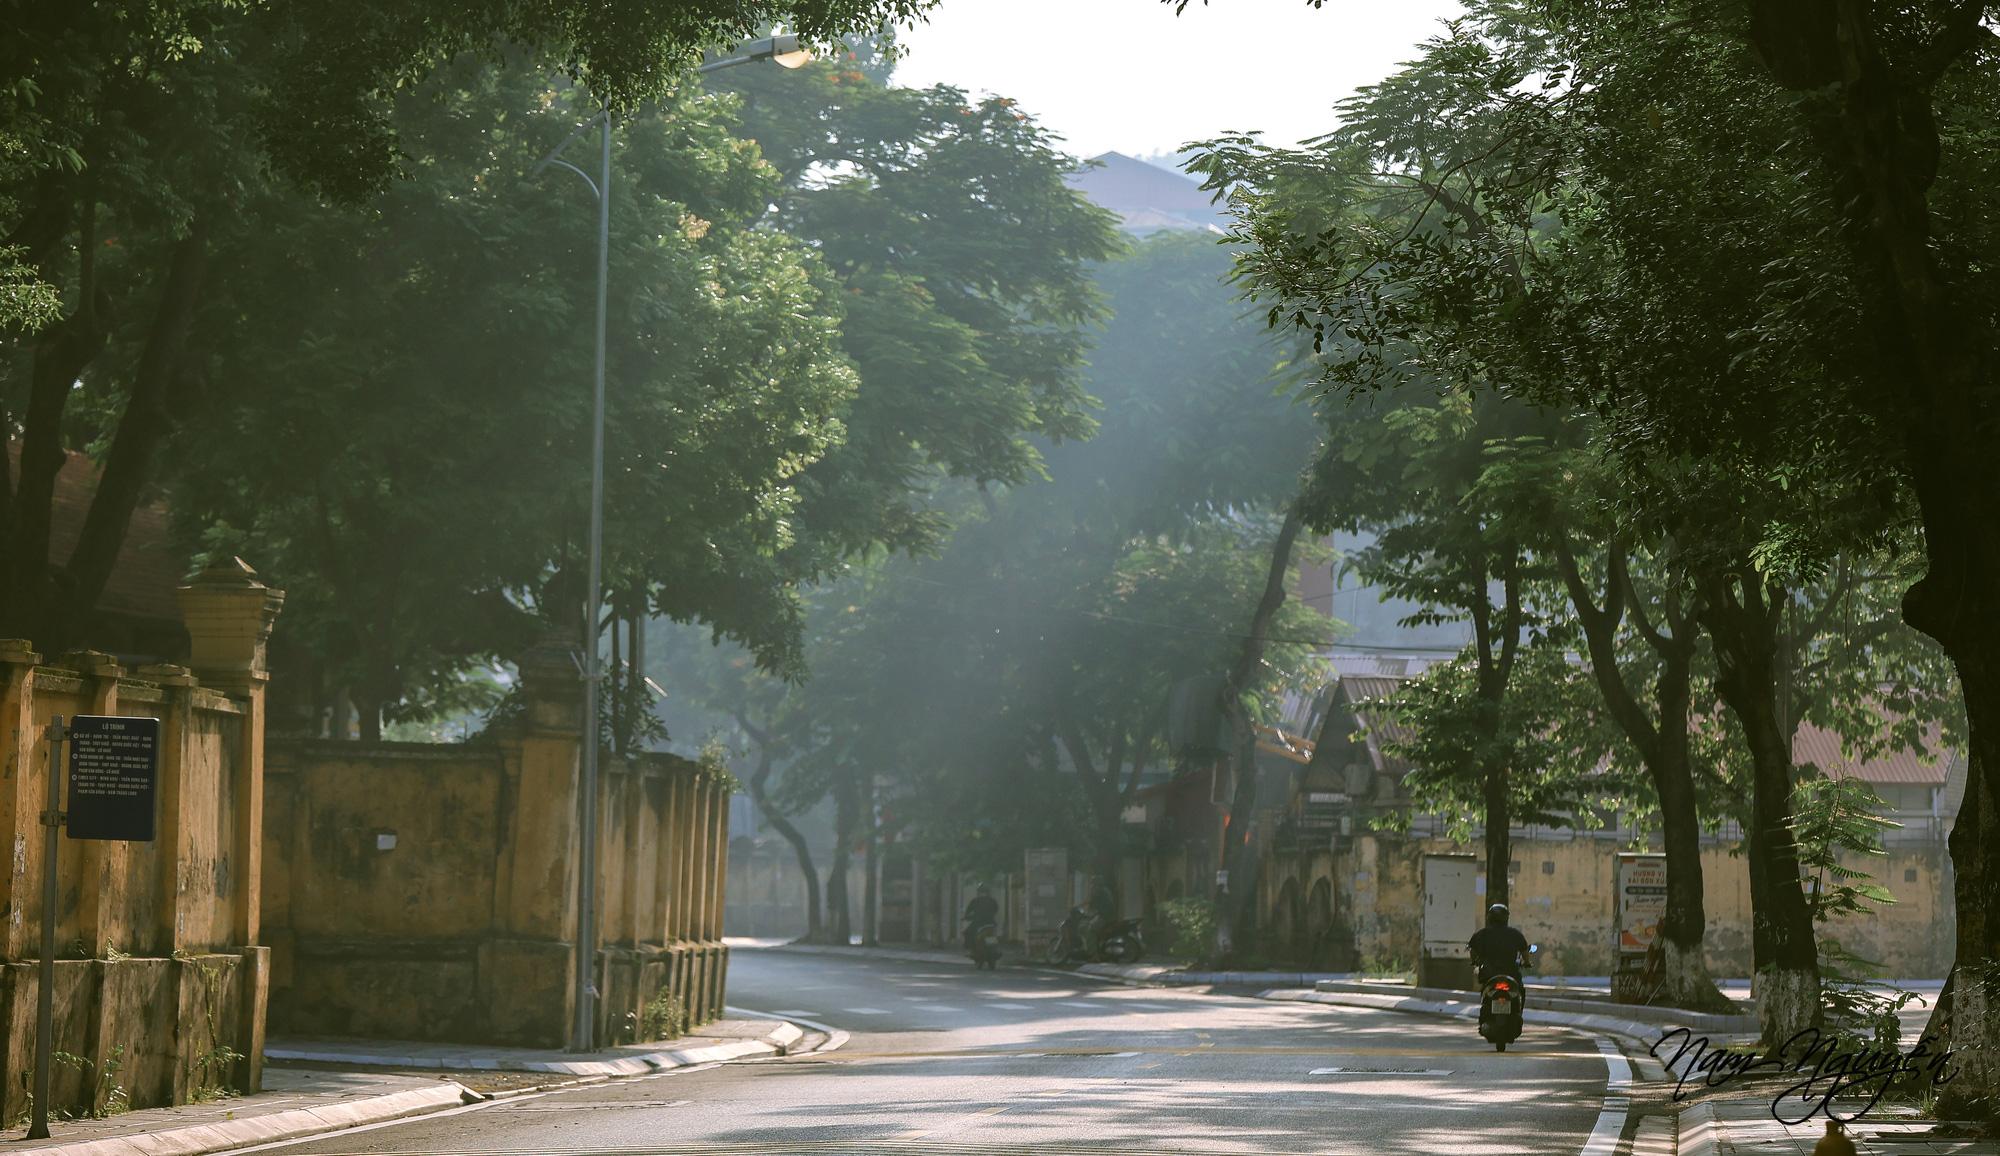 Say đắm trước vẻ đẹp của mùa thu Hà Nội - Ảnh 7.